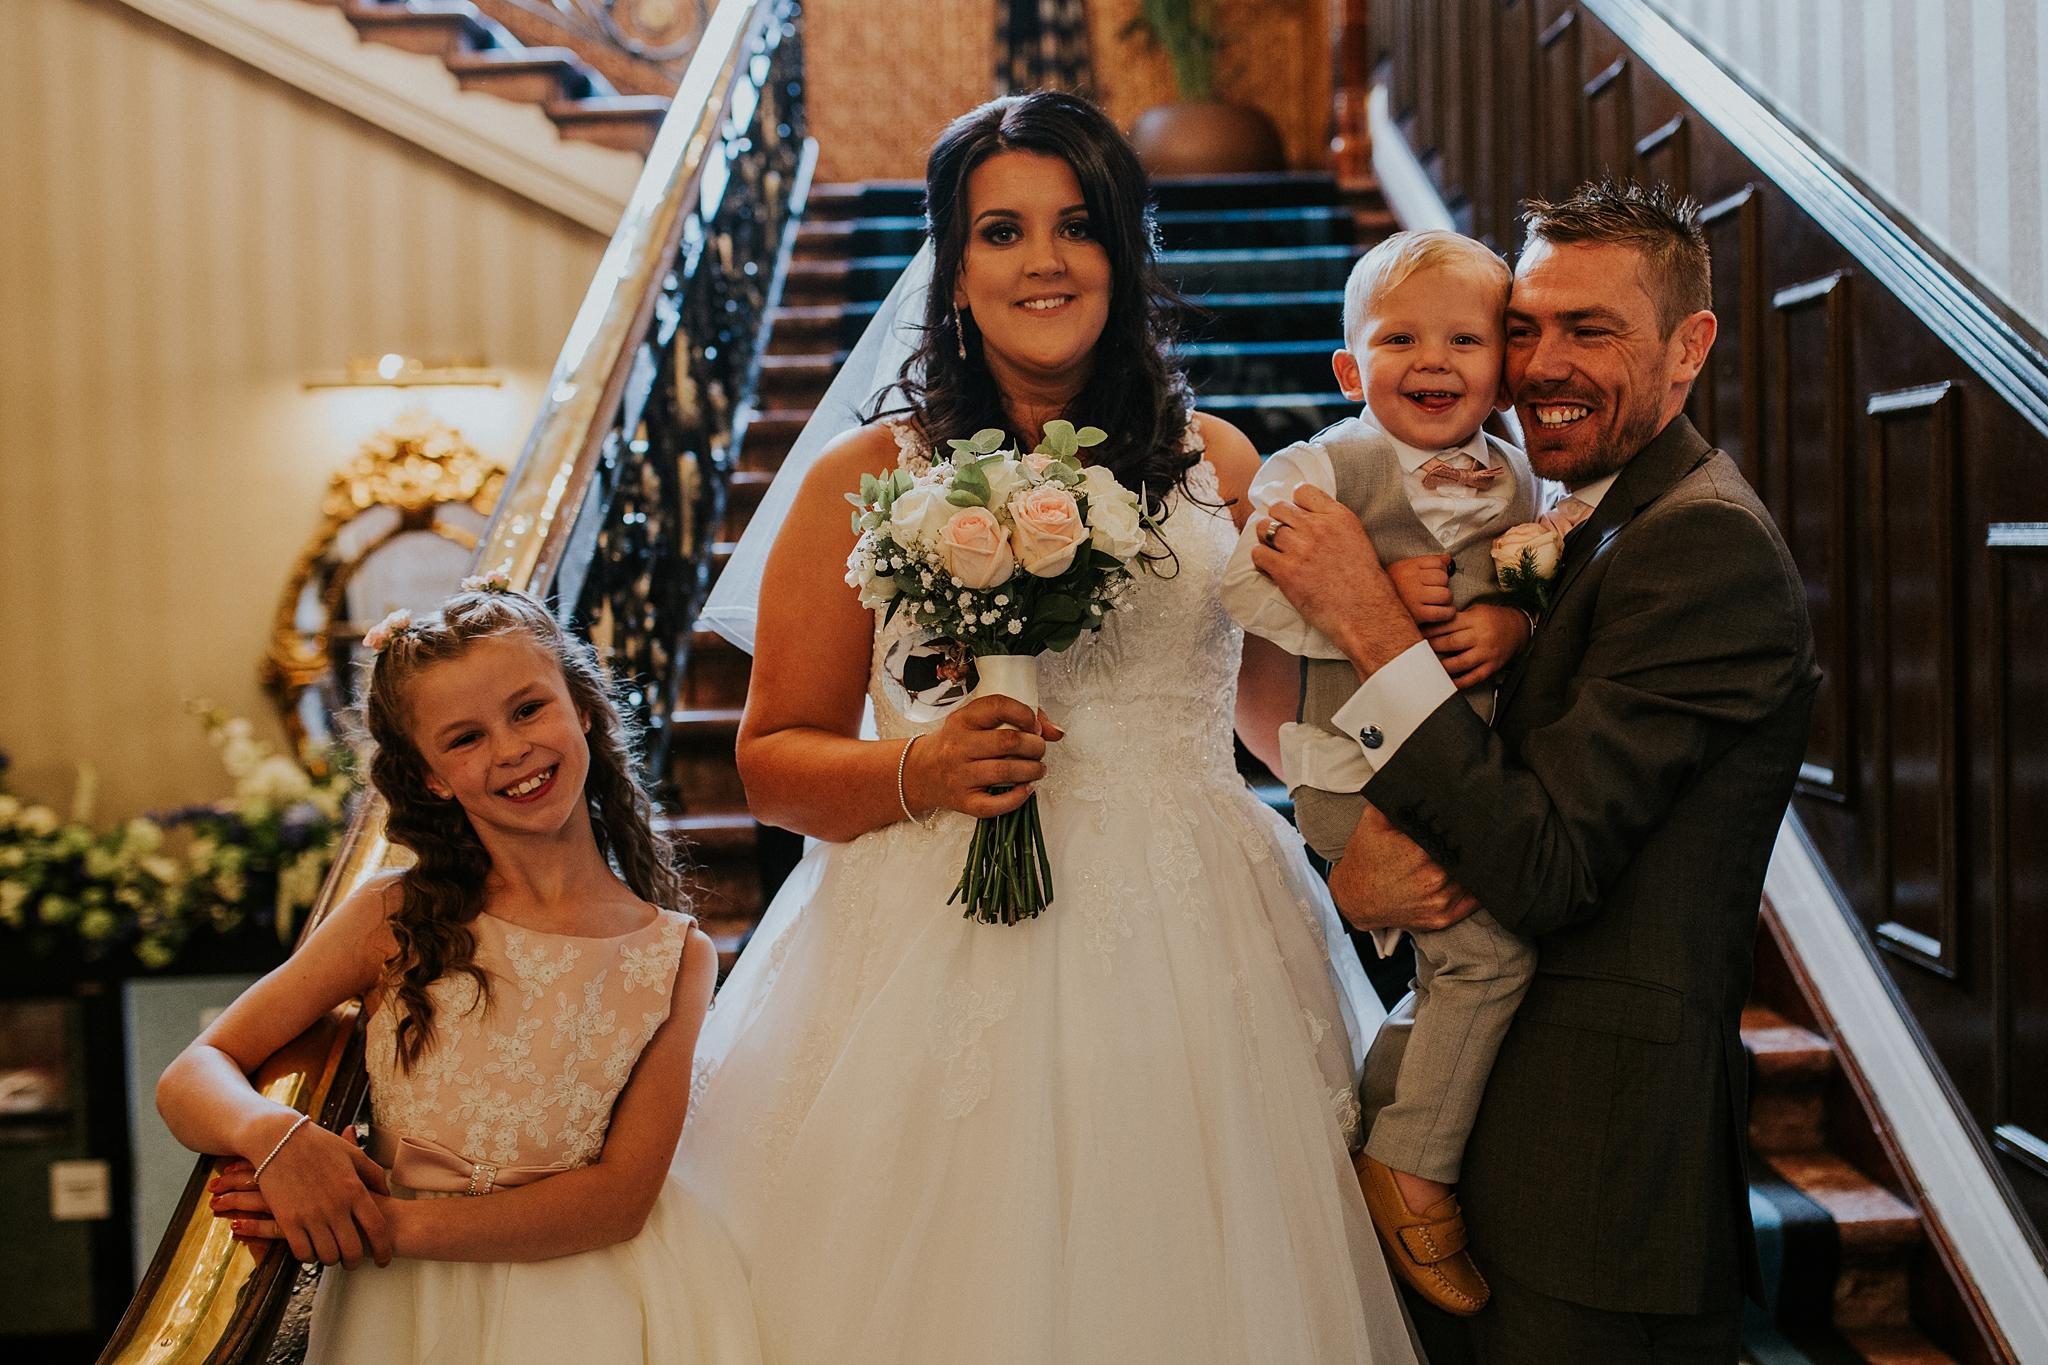 newcastle_upon_tyne_wedding_photographer-27.JPG